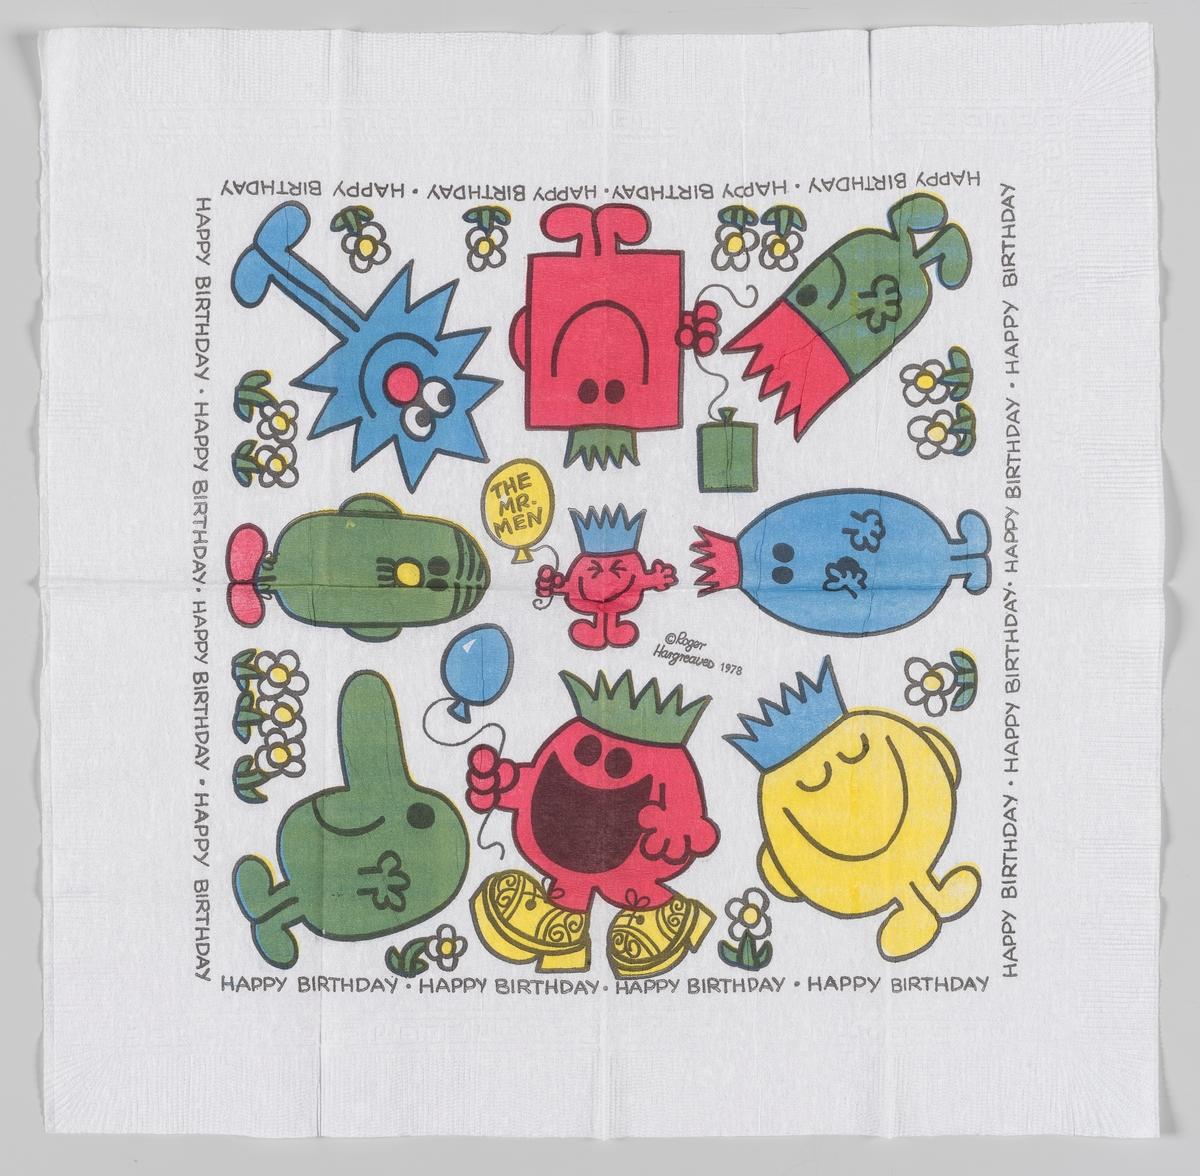 Mange figurer uten krop og med smilende ansikter i forskjellige farger.  Den engelske forfatter og illustratør Roger Hargreaves utga i 1971 serien Mr. Men som er oversatt og solgt til mange land verden over.